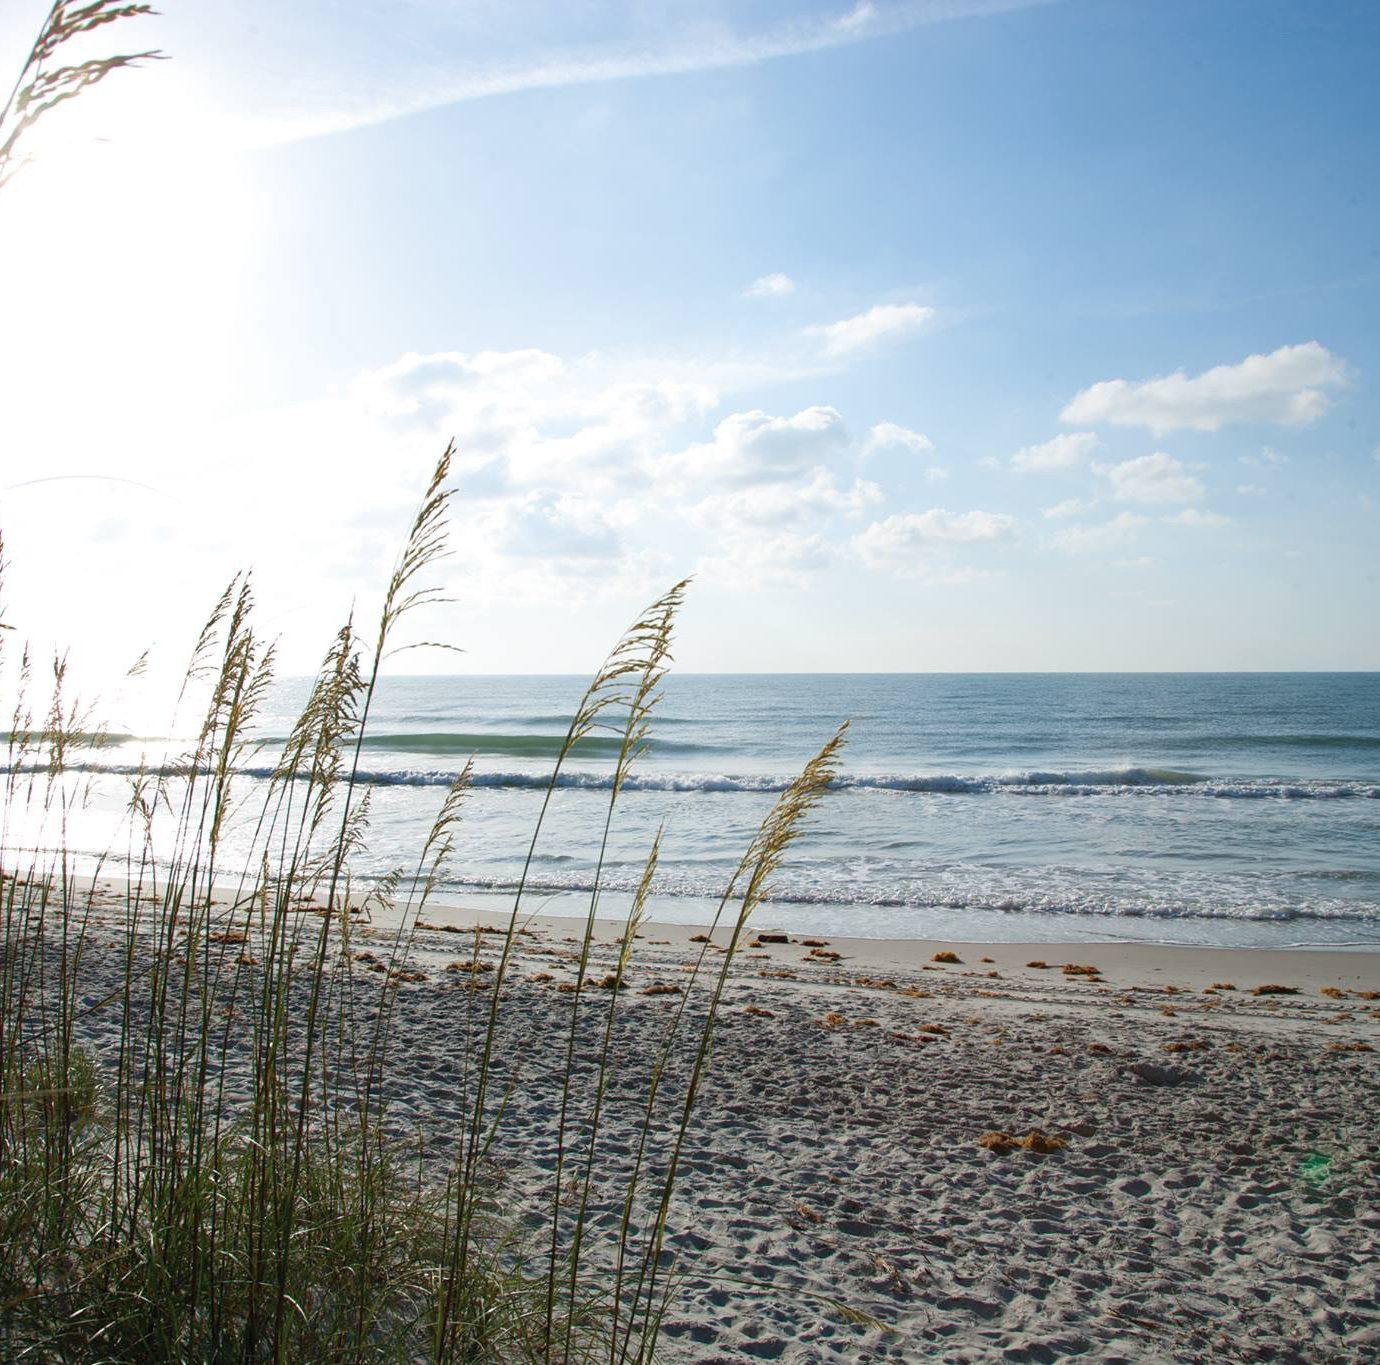 sky habitat shore Beach Sea horizon water Ocean Coast cloud wave morning Nature sunlight sand wind